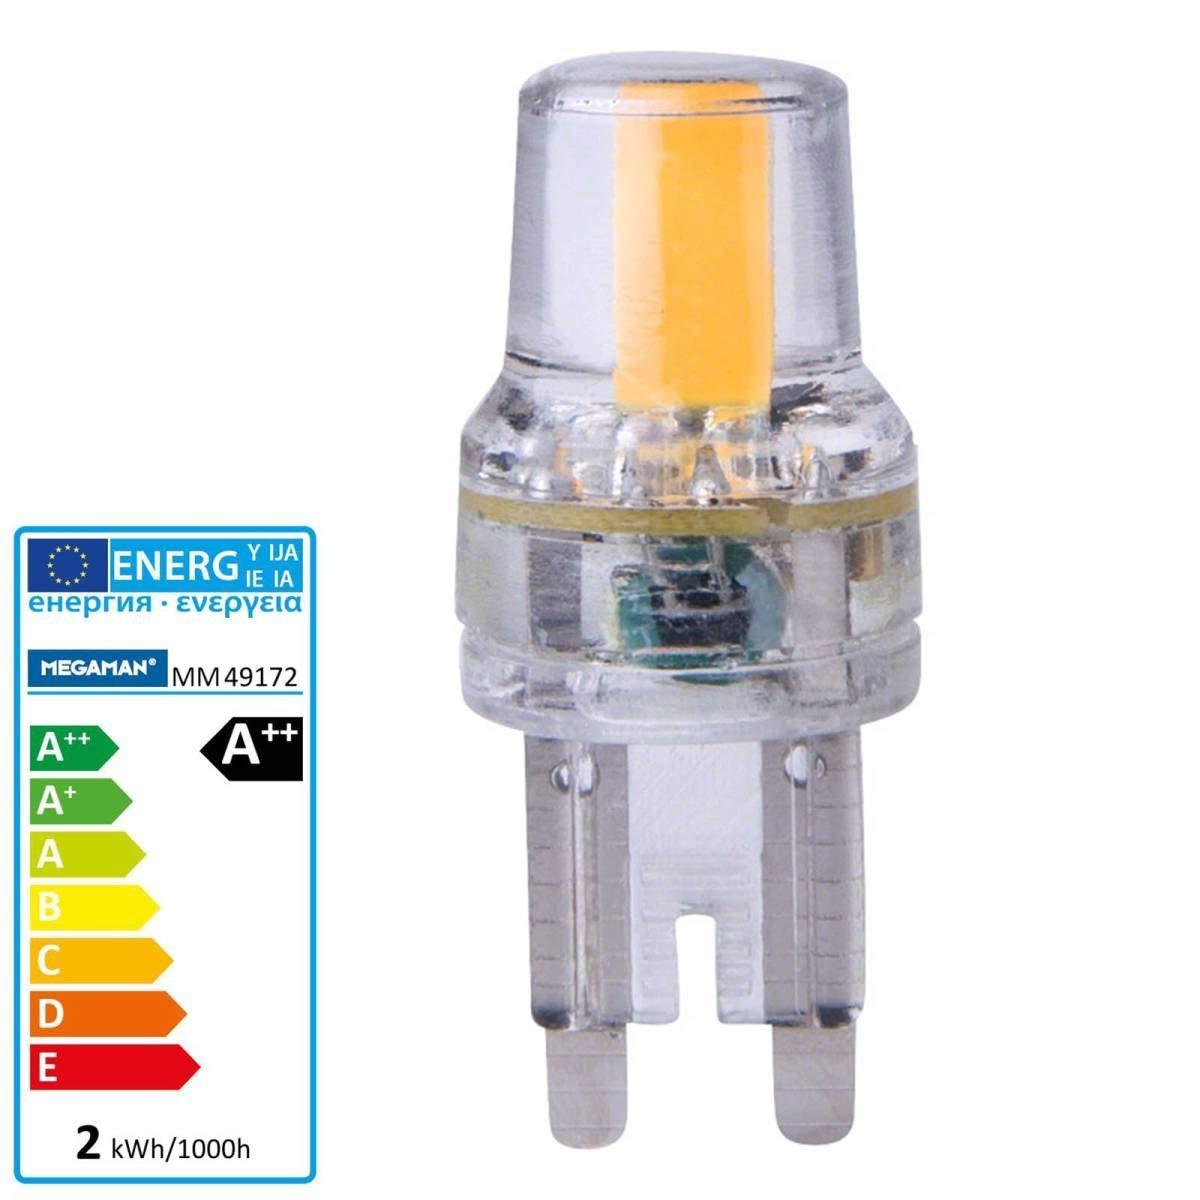 Megaman - Bombilla LED G9 2 W filamento Bombilla Halógena para patillas lámpara a + +: Amazon.es: Iluminación